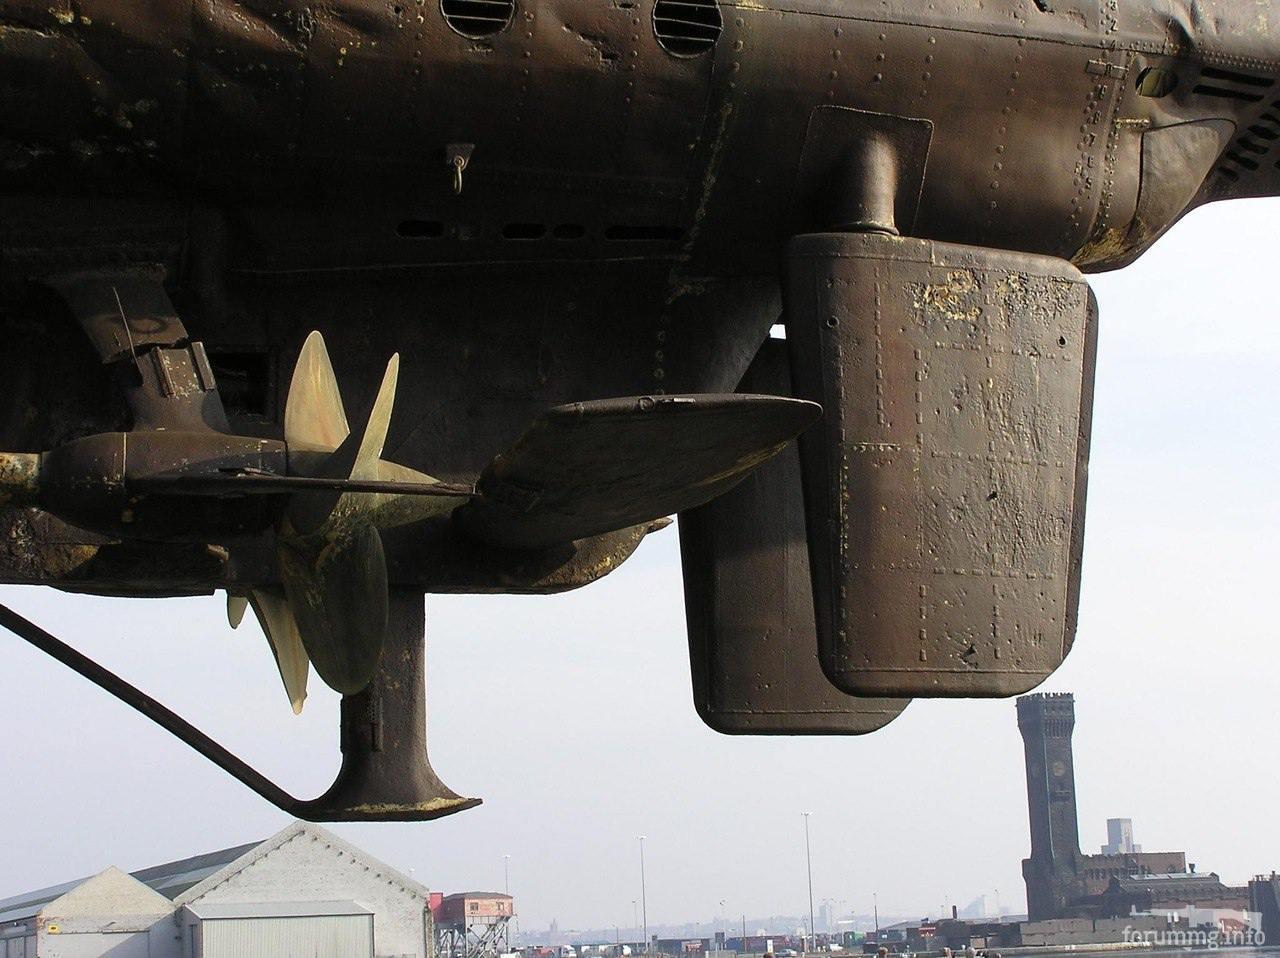 127348 - Как сделать музей с U-534